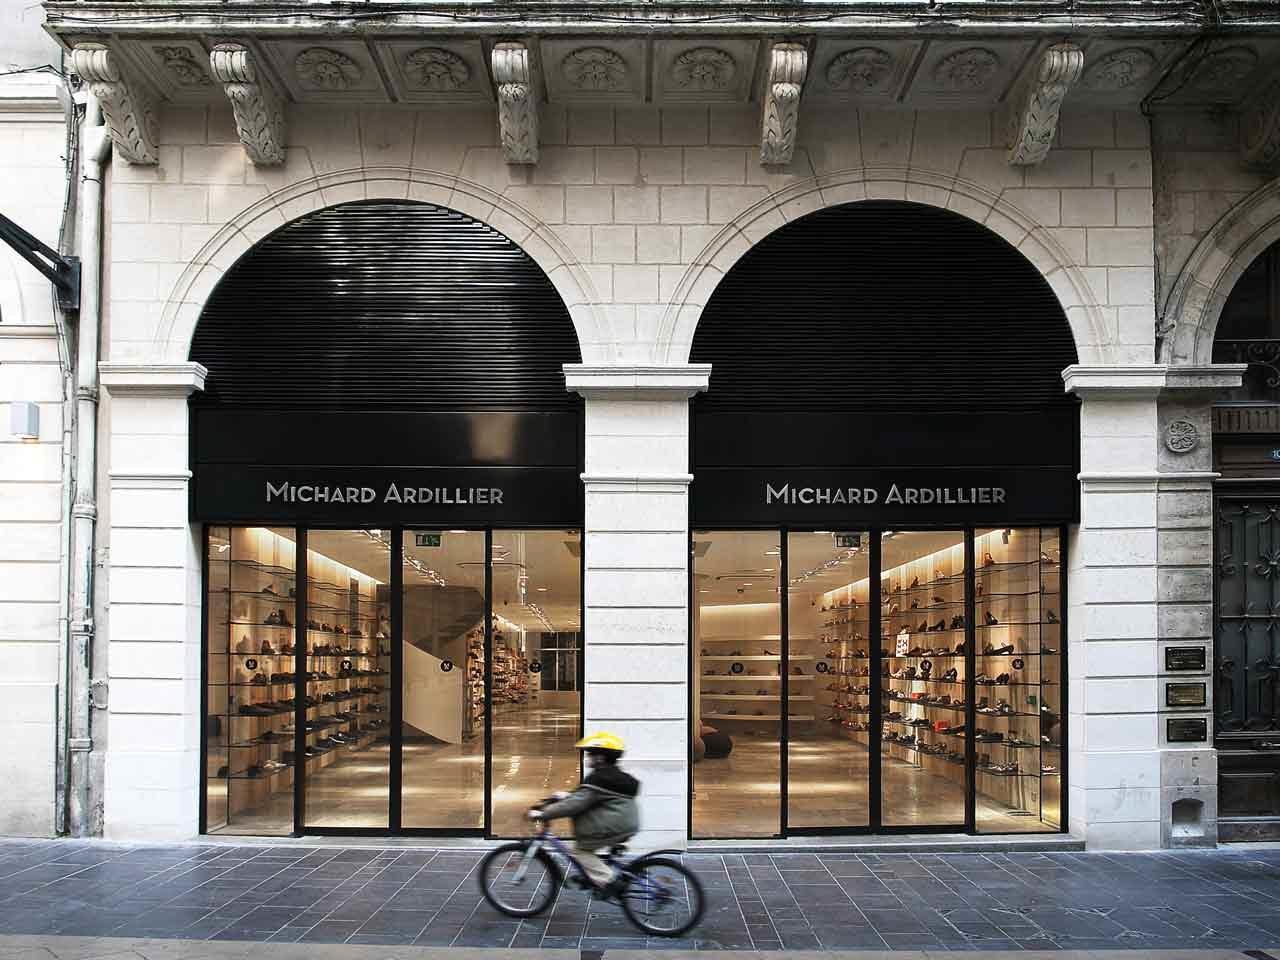 La boutique Michard Ardillier à Bordeaux